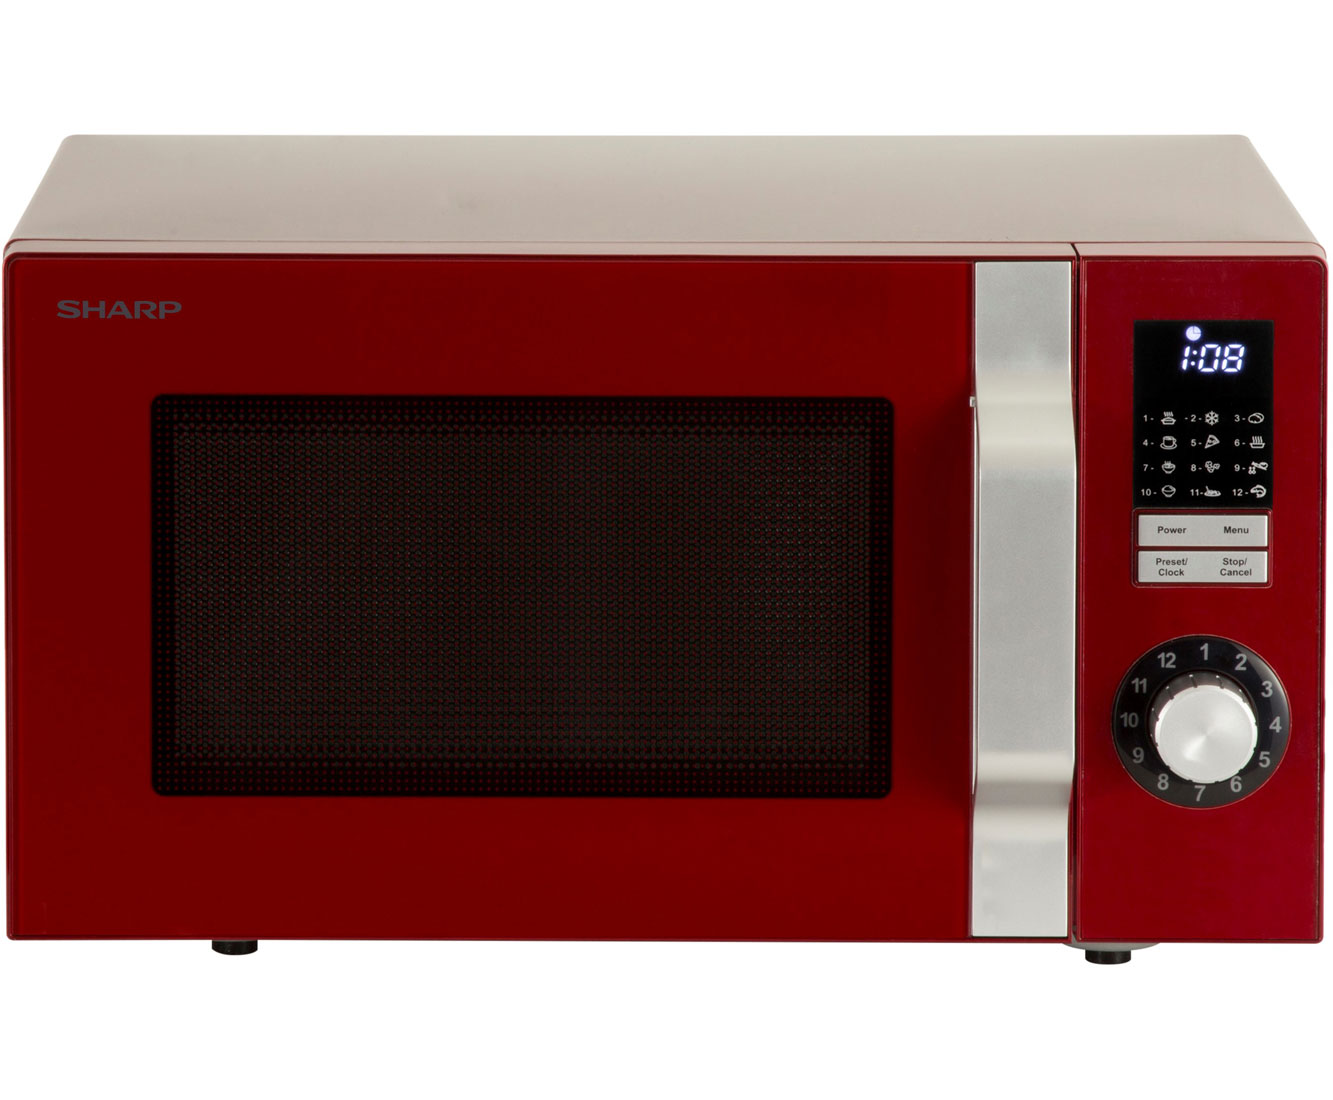 Sharp Vestel R744RD Mikrowellen - Rot | Küche und Esszimmer > Küchenelektrogeräte > Mikrowellen | Rot | Sharp Vestel